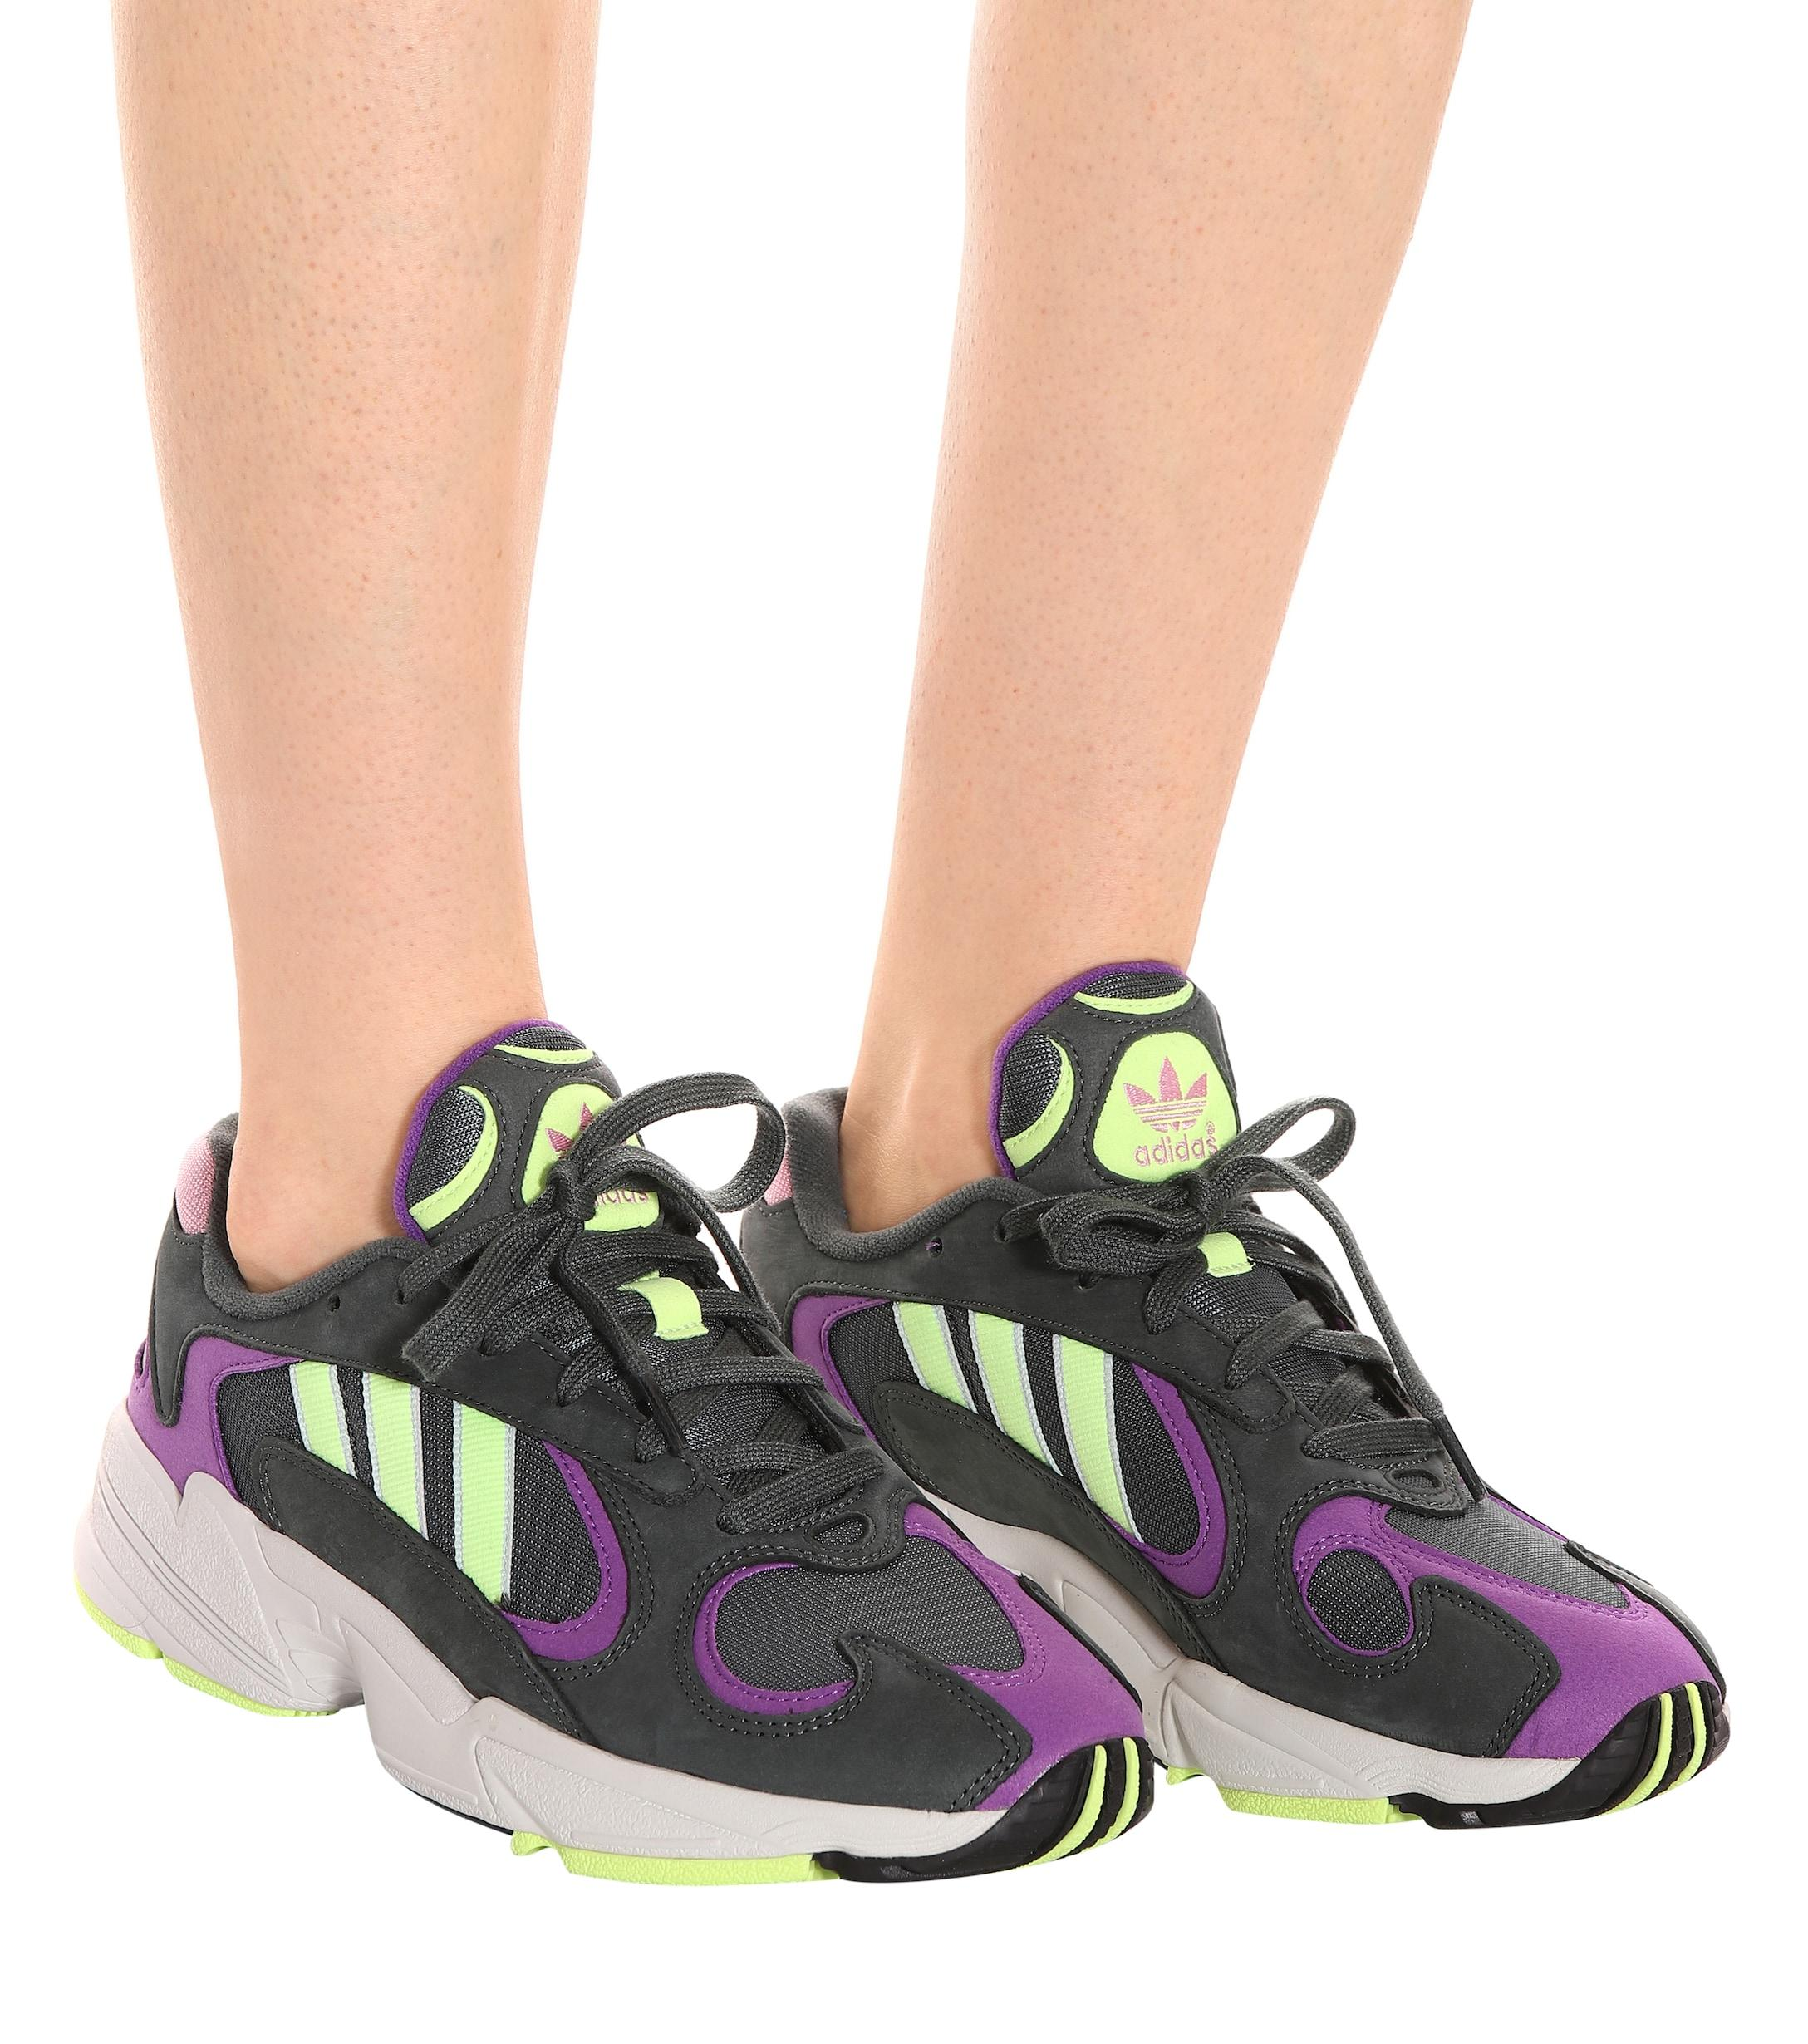 Zapatillas Yung-1 de gamuza adidas Originals